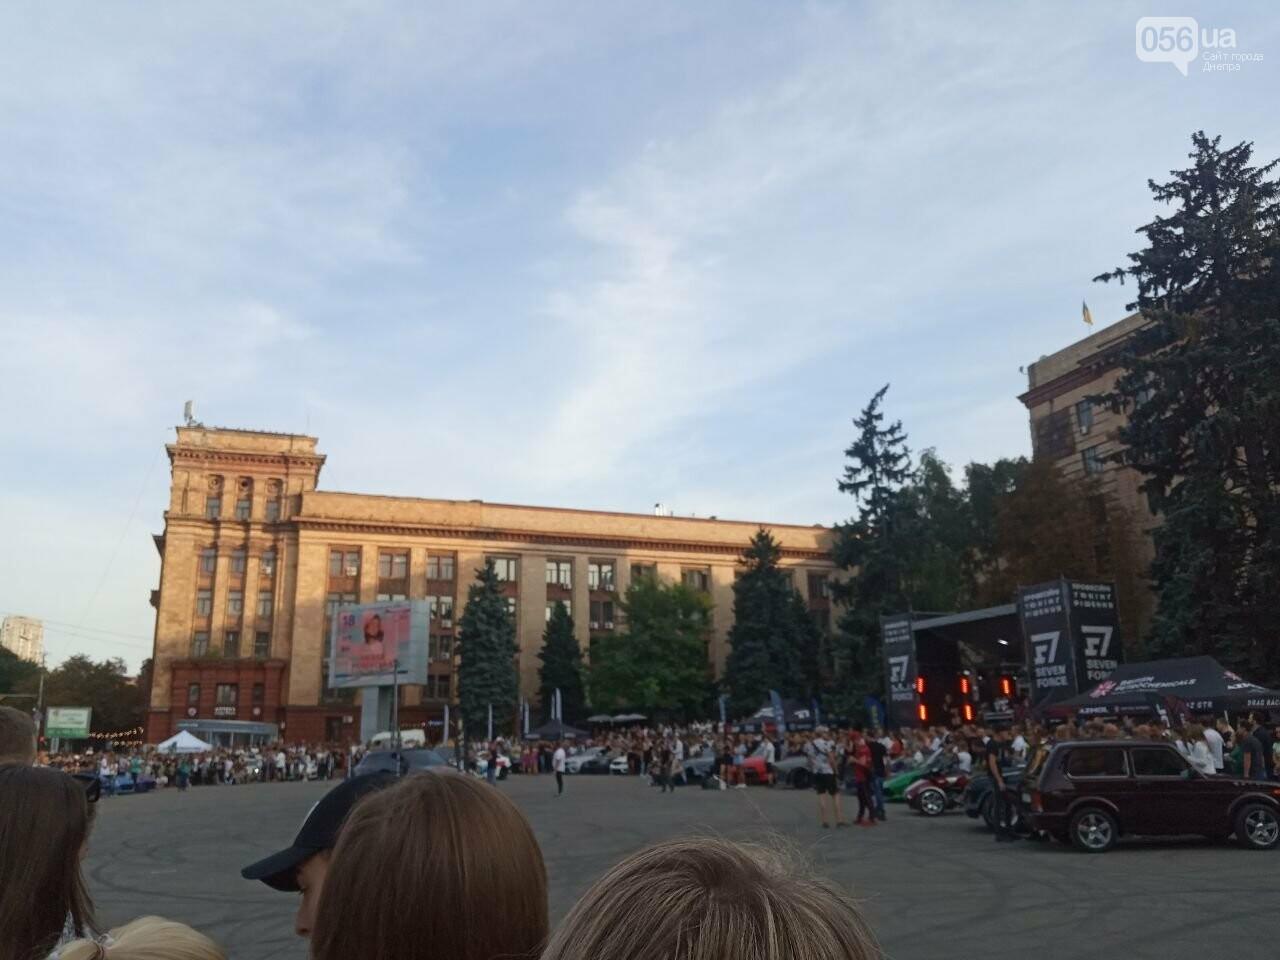 Дрифт в центре Киева спровоцировал скандал, а для Днепра стал шоу с жирными следами, - ФОТО, фото-3